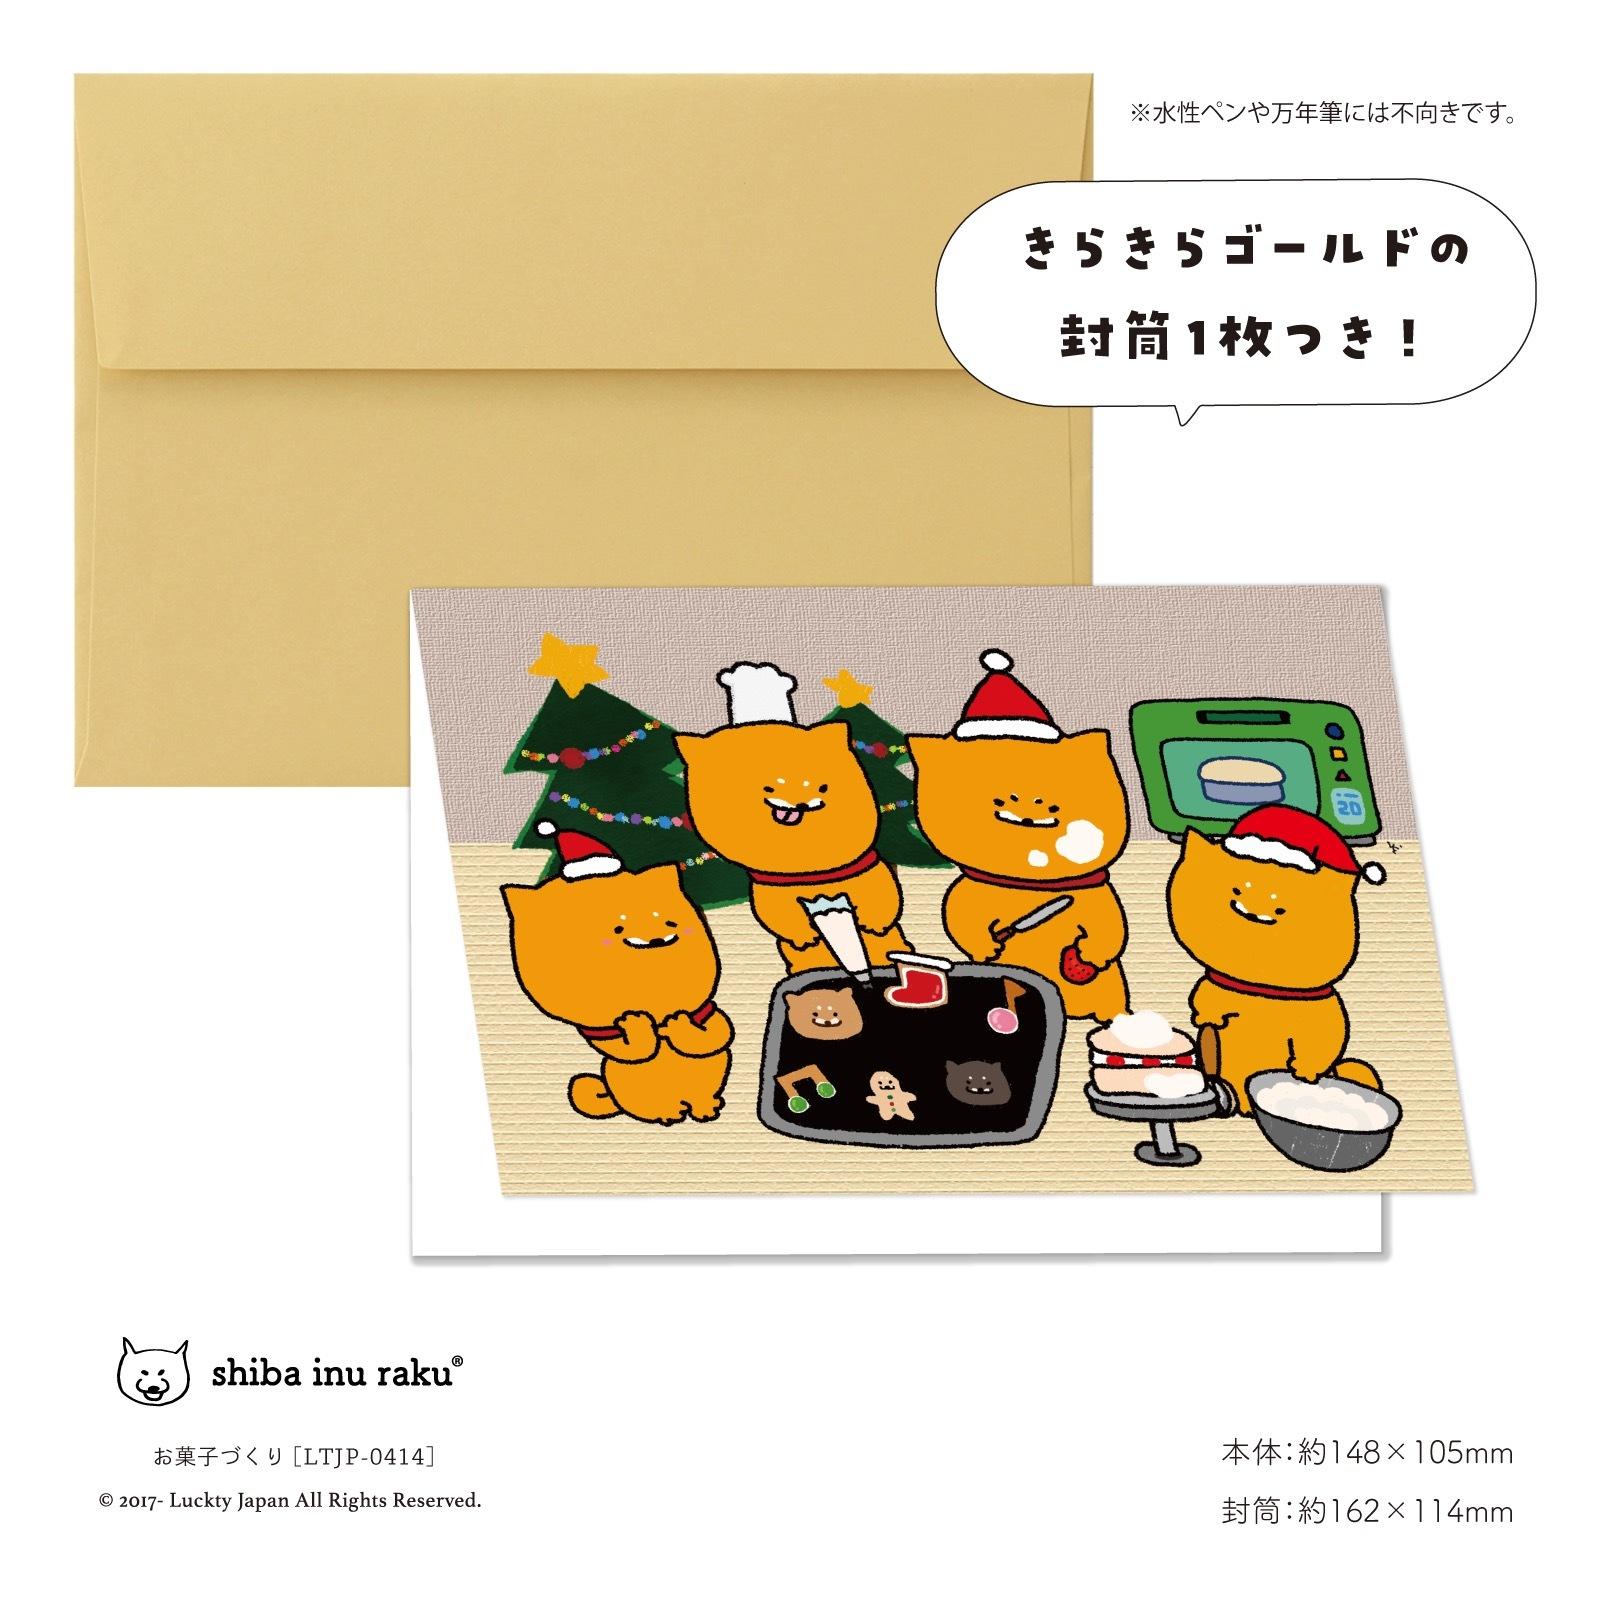 柴犬ラク メッセージカード(お菓子づくり)